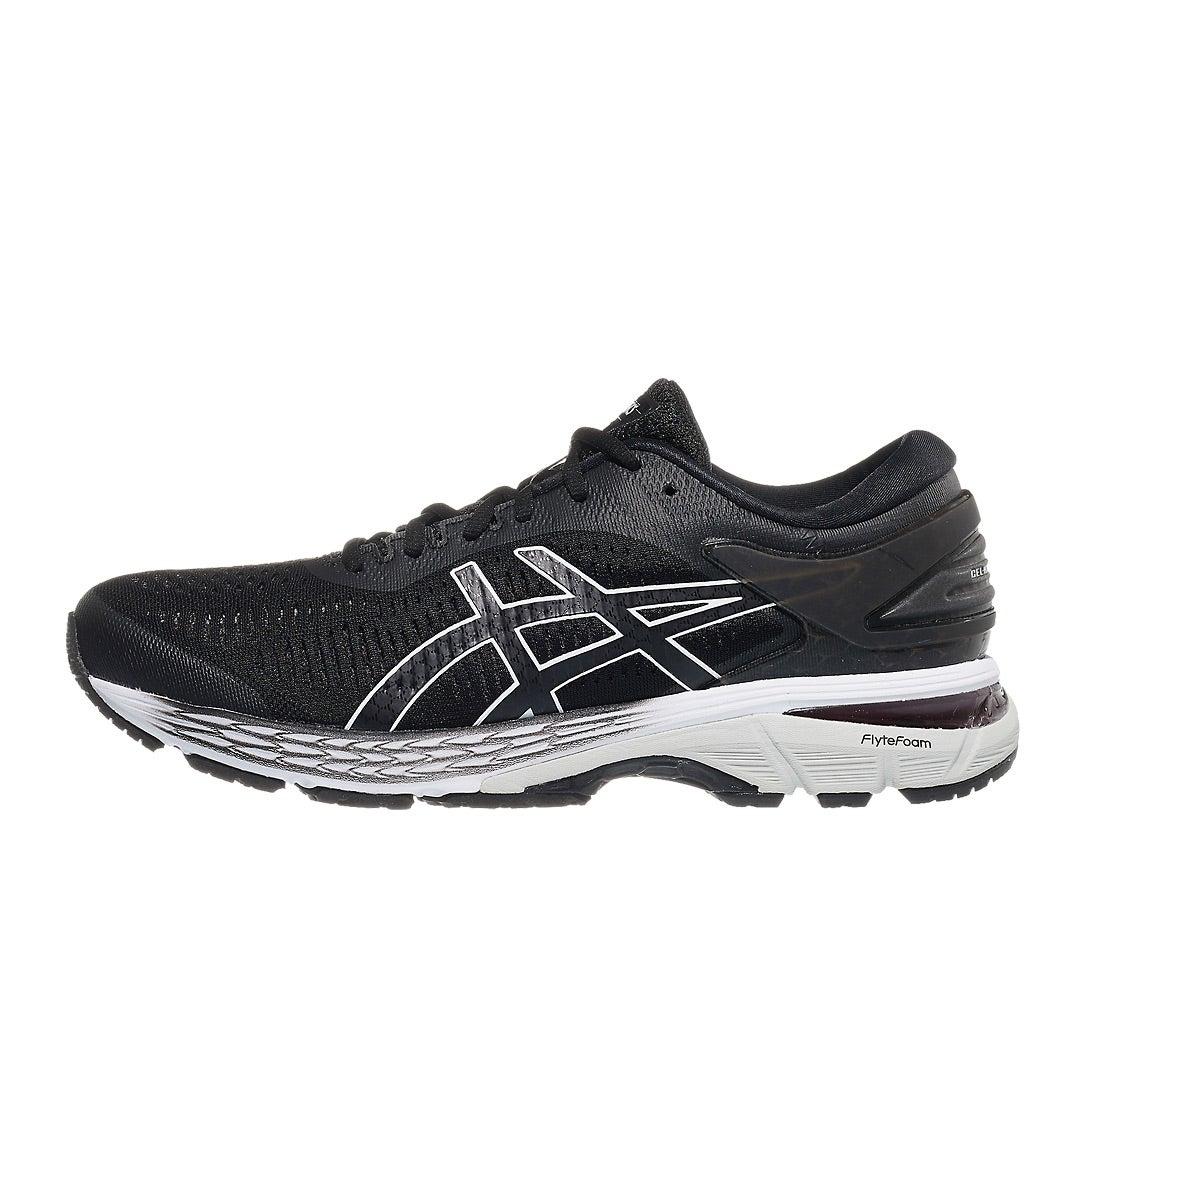 ASICS Gel Kayano 25 Men's Shoes Black